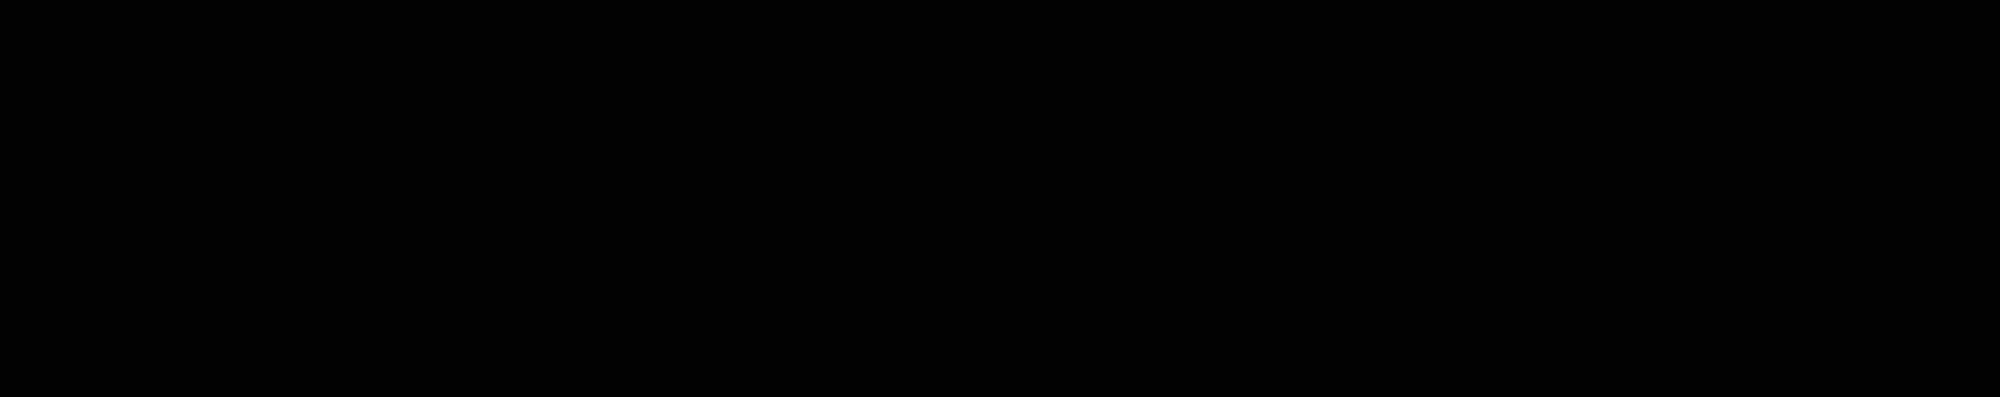 explorer/img/logos/seiko.png